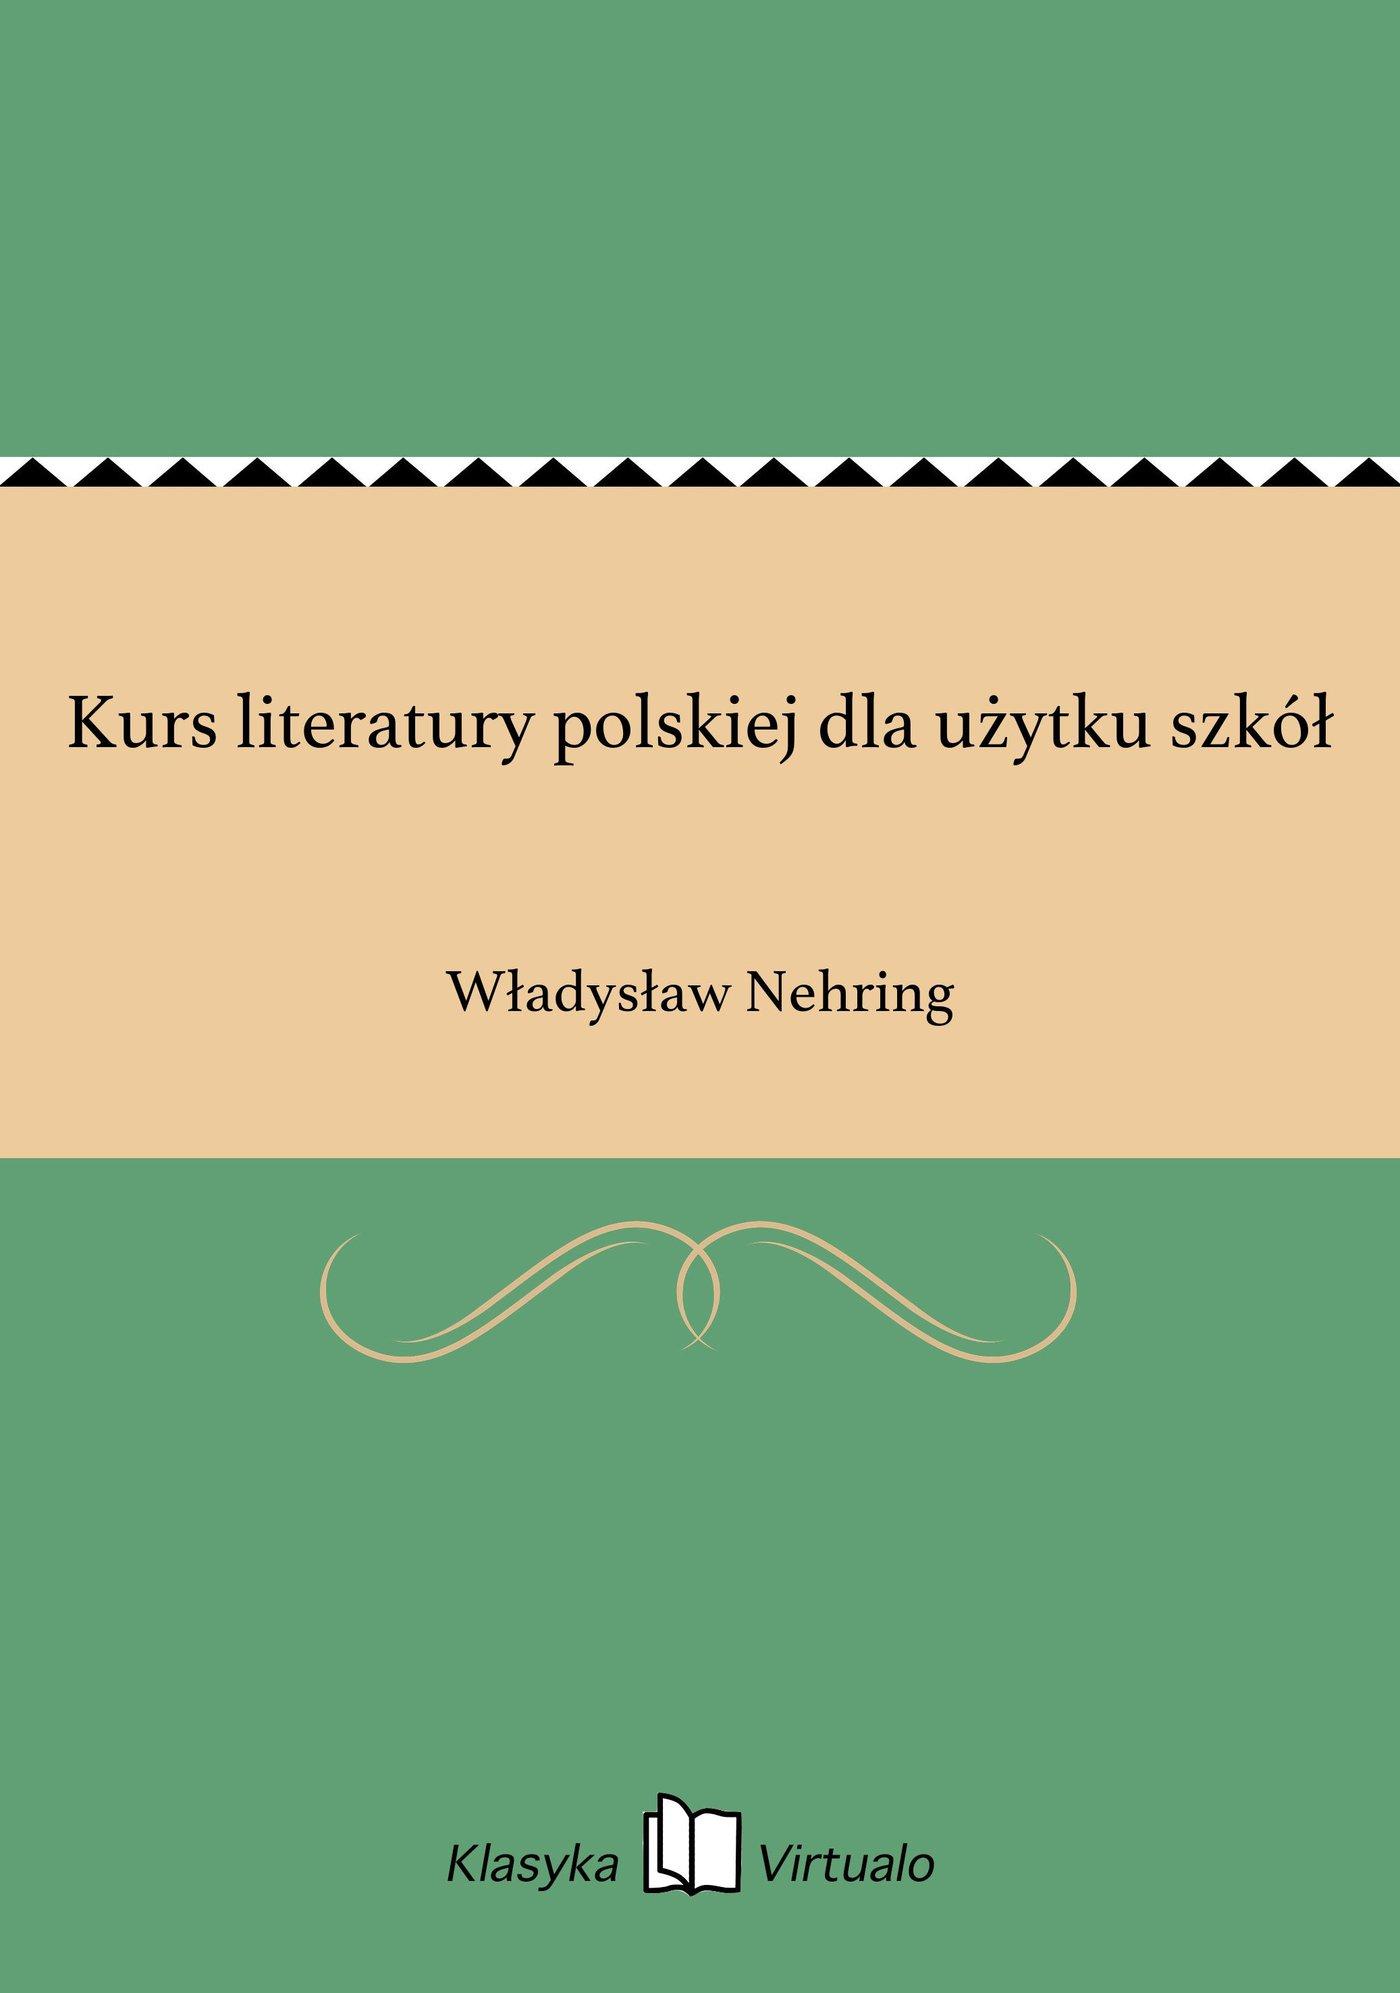 Kurs literatury polskiej dla użytku szkół - Ebook (Książka EPUB) do pobrania w formacie EPUB